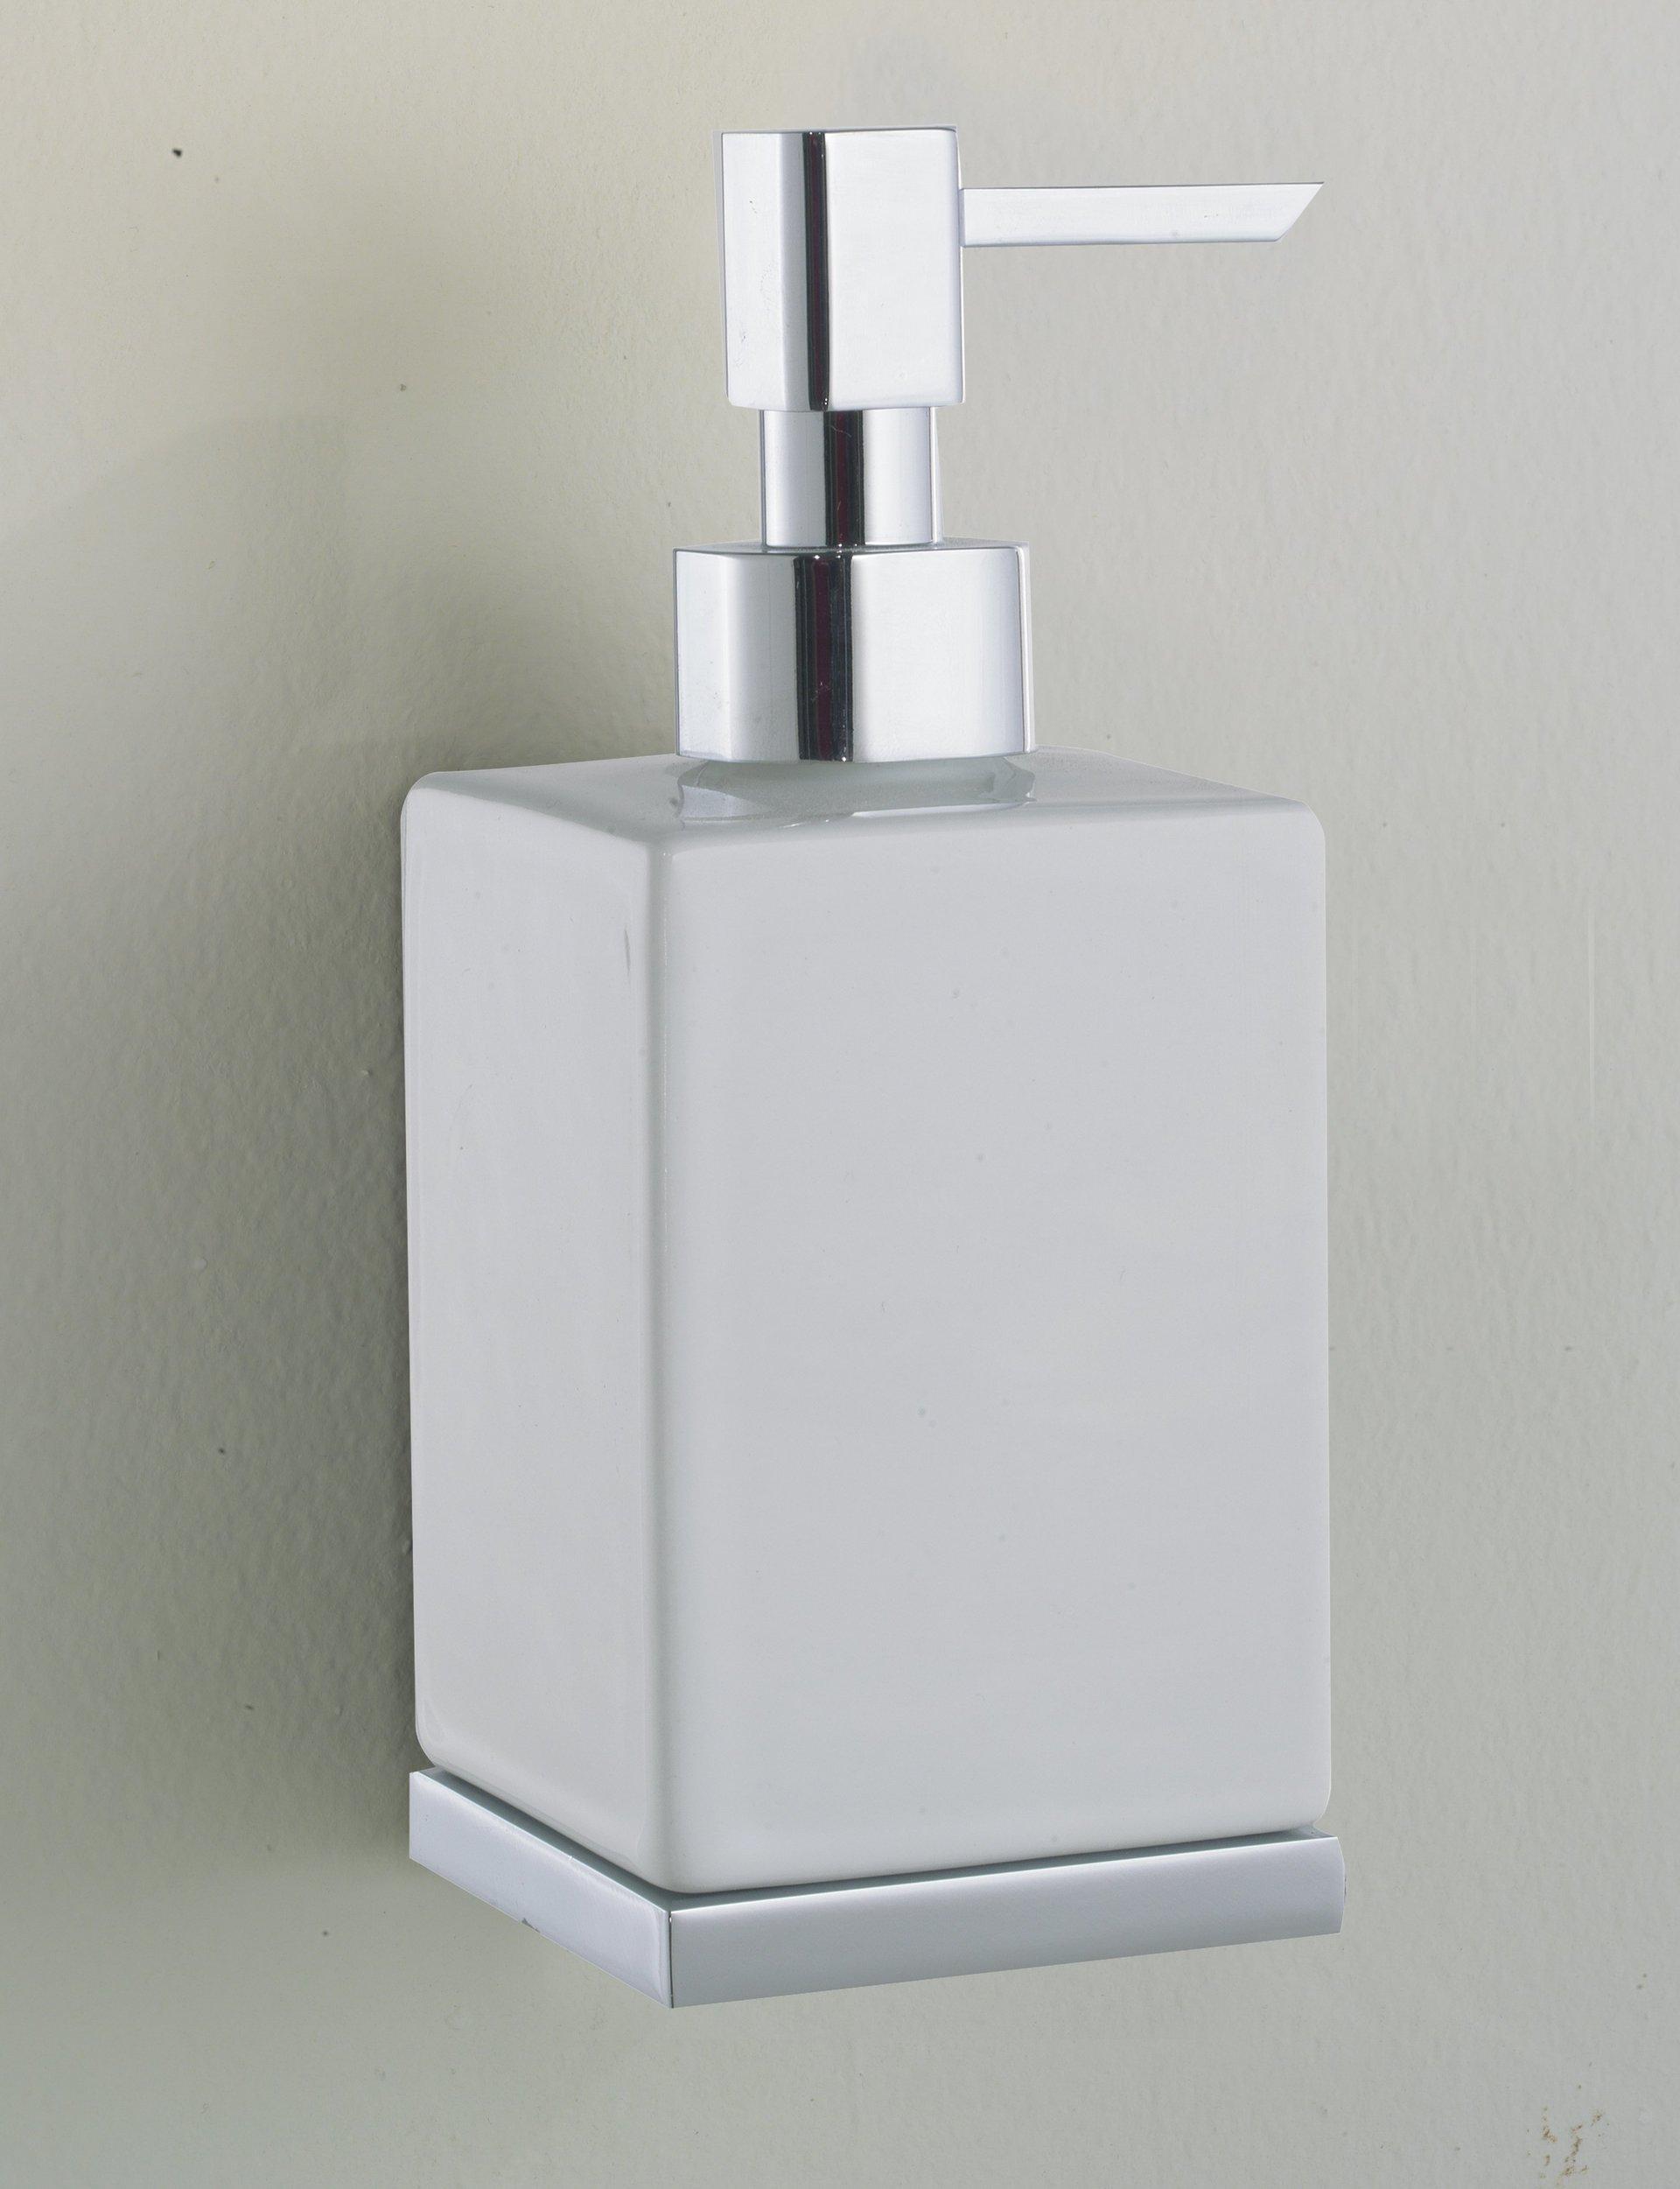 Arredi per il bagno quart aosta la marmo ceramica - Caos accessori bagno ...